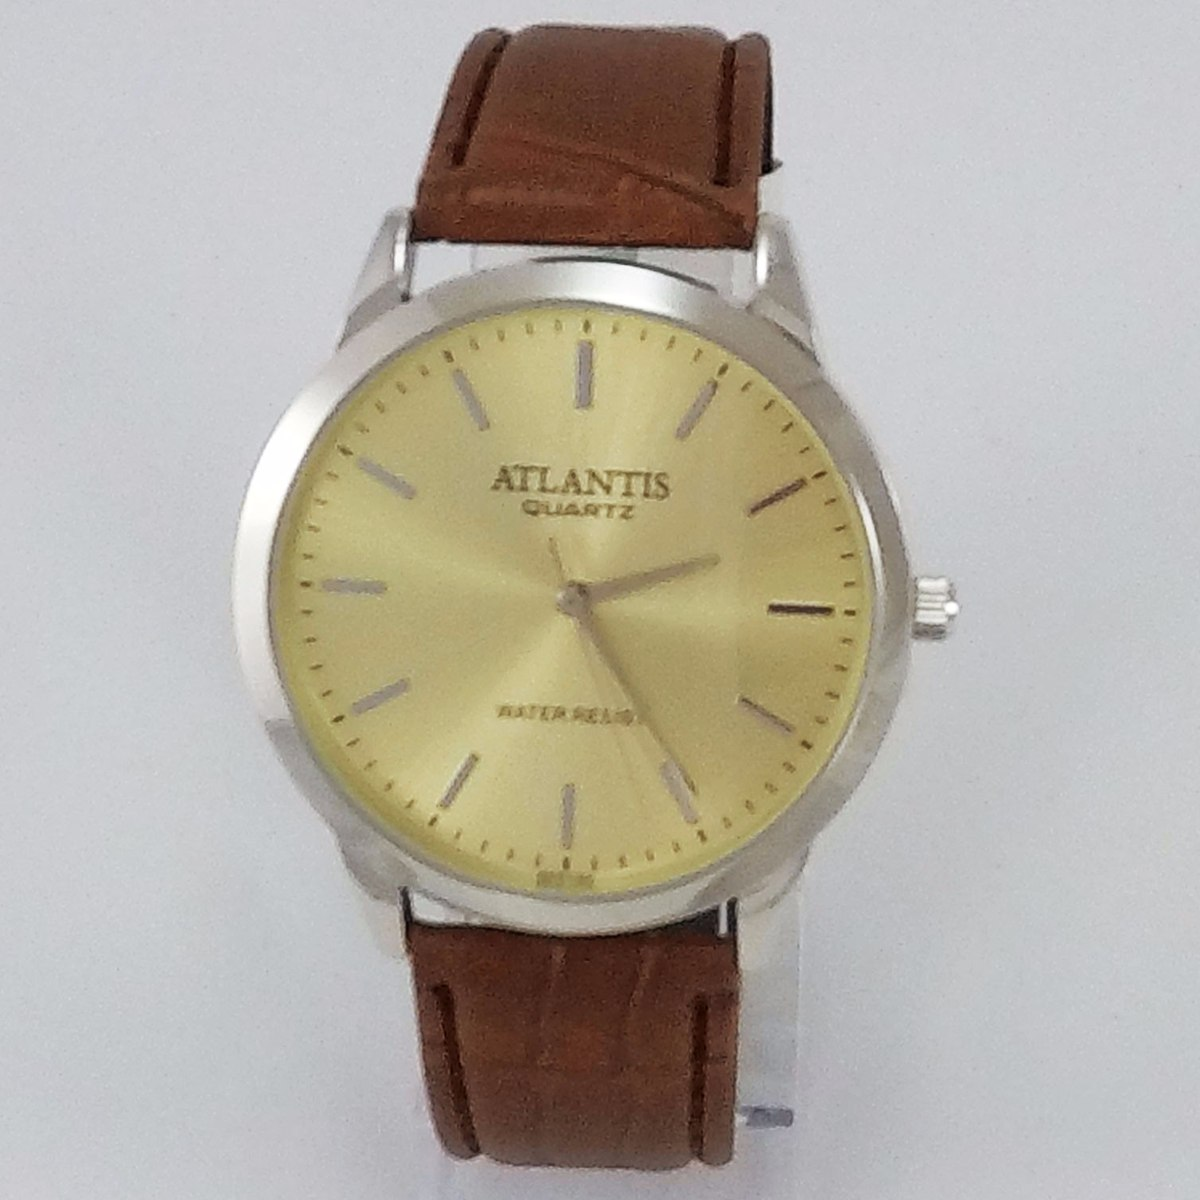 ffc5153b87f Relógio Masculino Dourado Barato Original Atlantis Couro - R  39